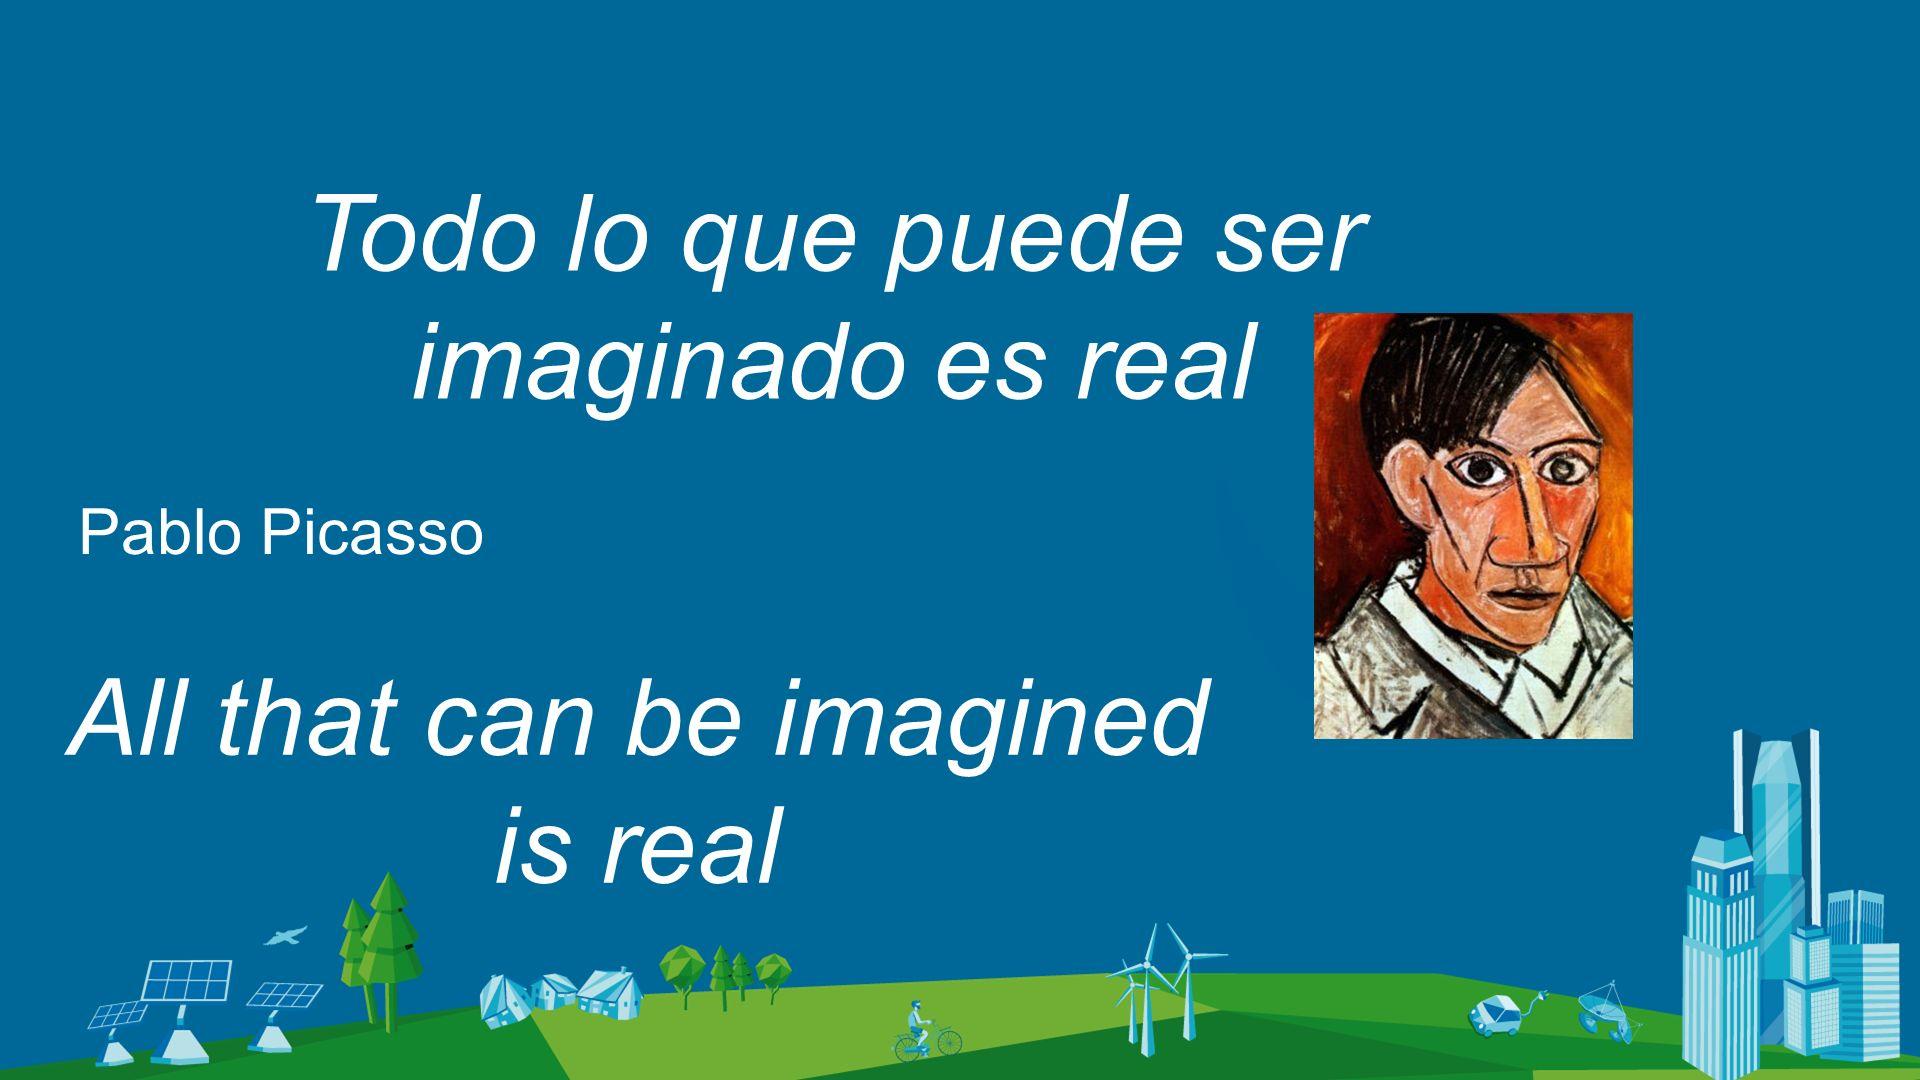 Todo lo que puede ser imaginado es real